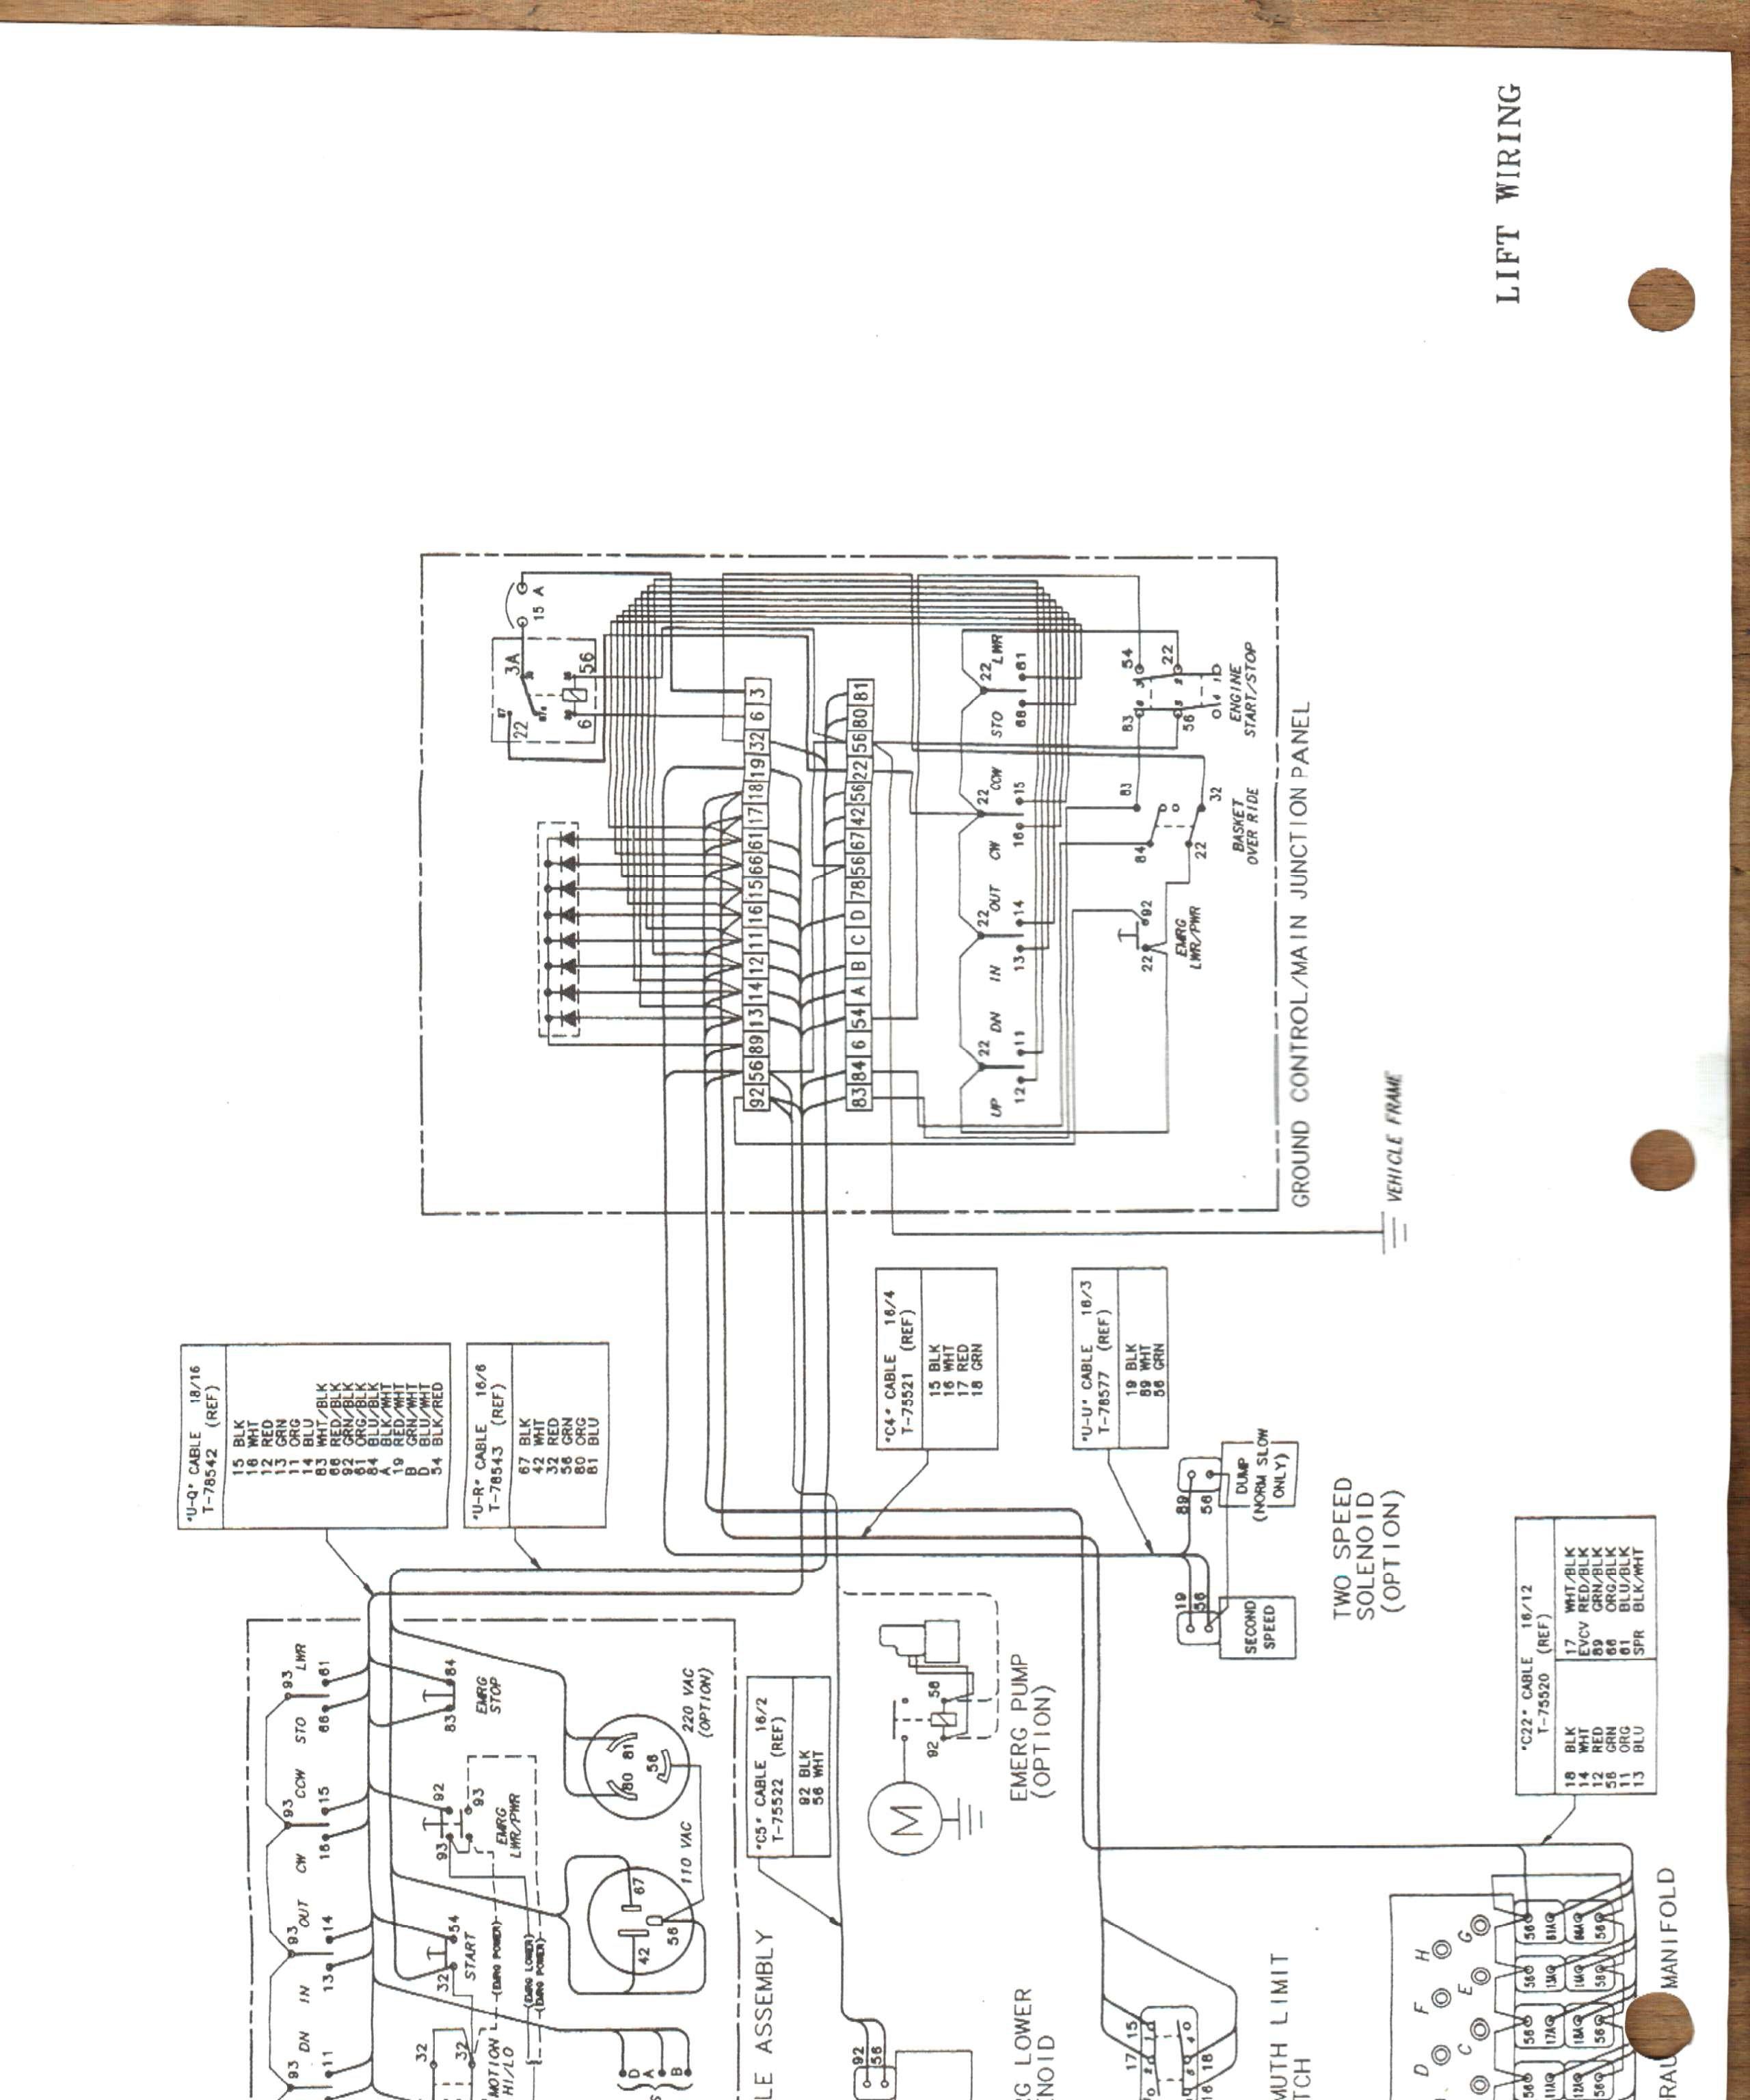 [DIAGRAM_5LK]  DIAGRAM] Ford F600 Wiring Diagram FULL Version HD Quality Wiring Diagram -  DIODEDIAGRAM.CONDITIONSENSEIGNANTES.FR | 1989 Ford F600 Wiring Diagram |  | diodediagram.conditionsenseignantes.fr